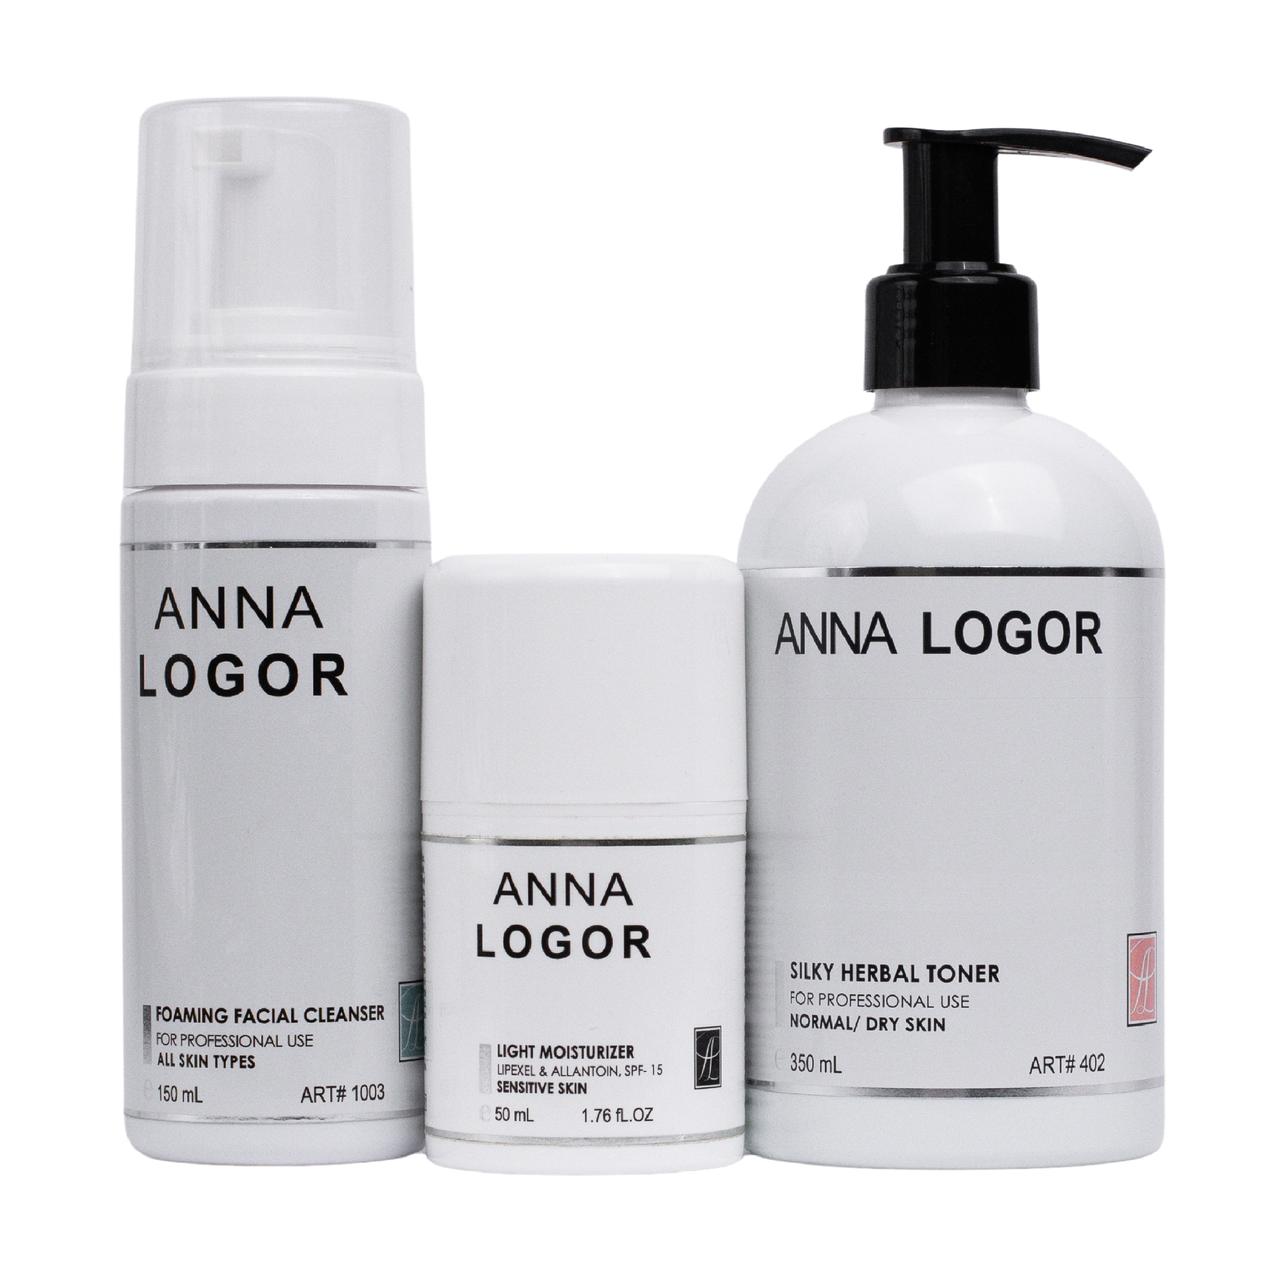 Набор косметики Anna LOGOR Silky Herbal Moisturizer Kit. Серия для чувствительной кожи лица